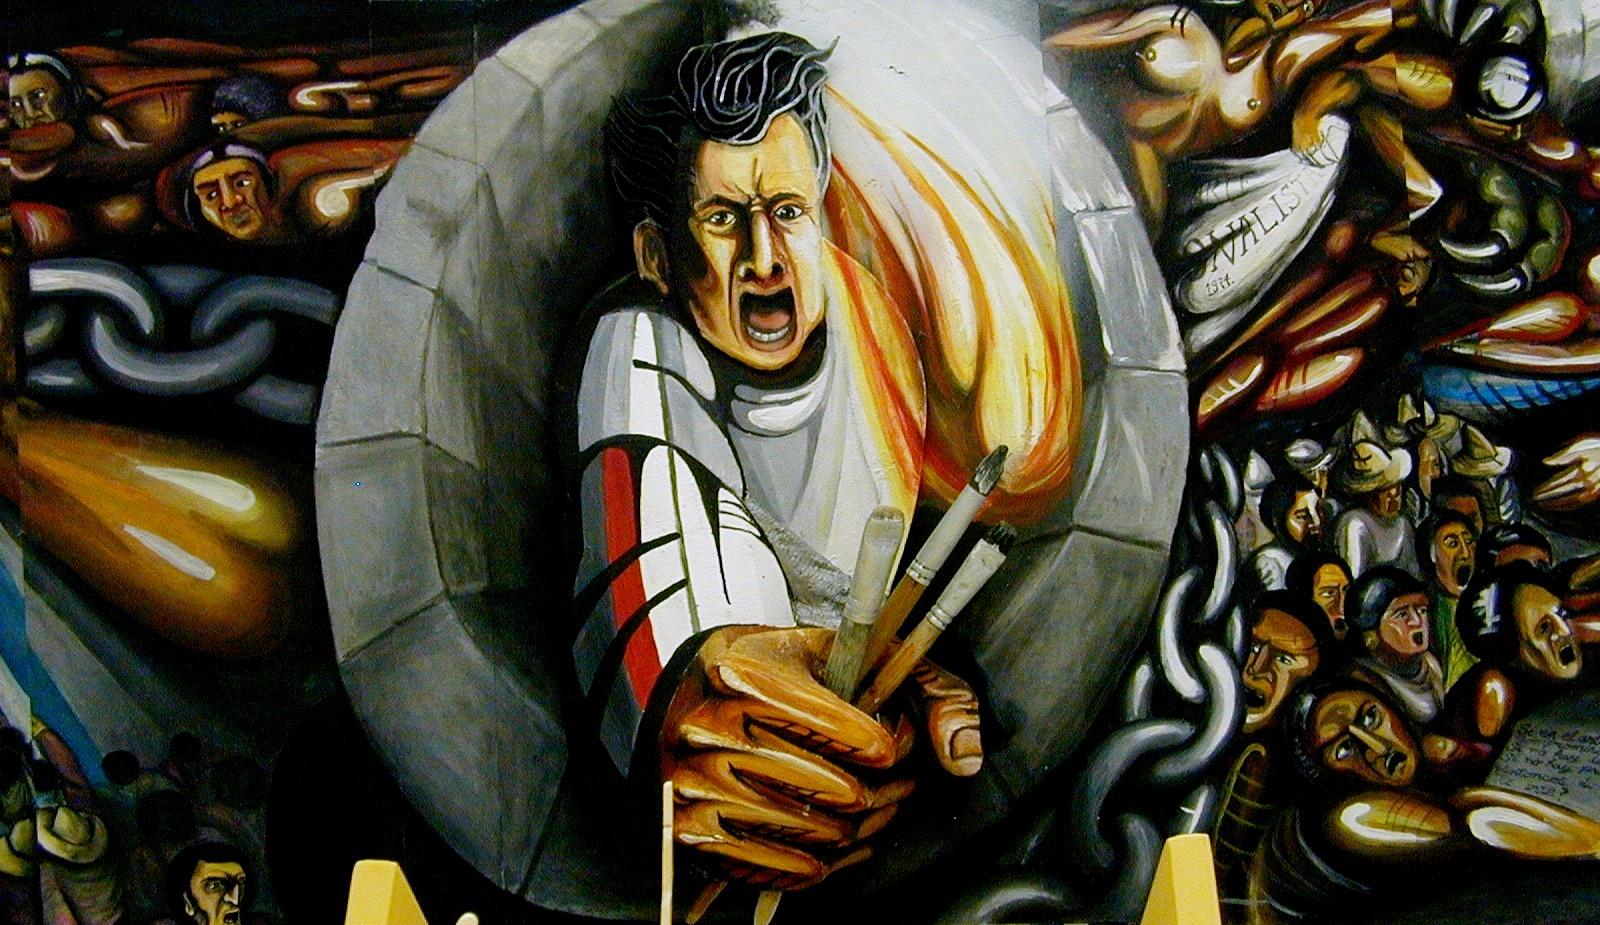 El Buen Tono Muralistas Mexicanos Exponen En Italia